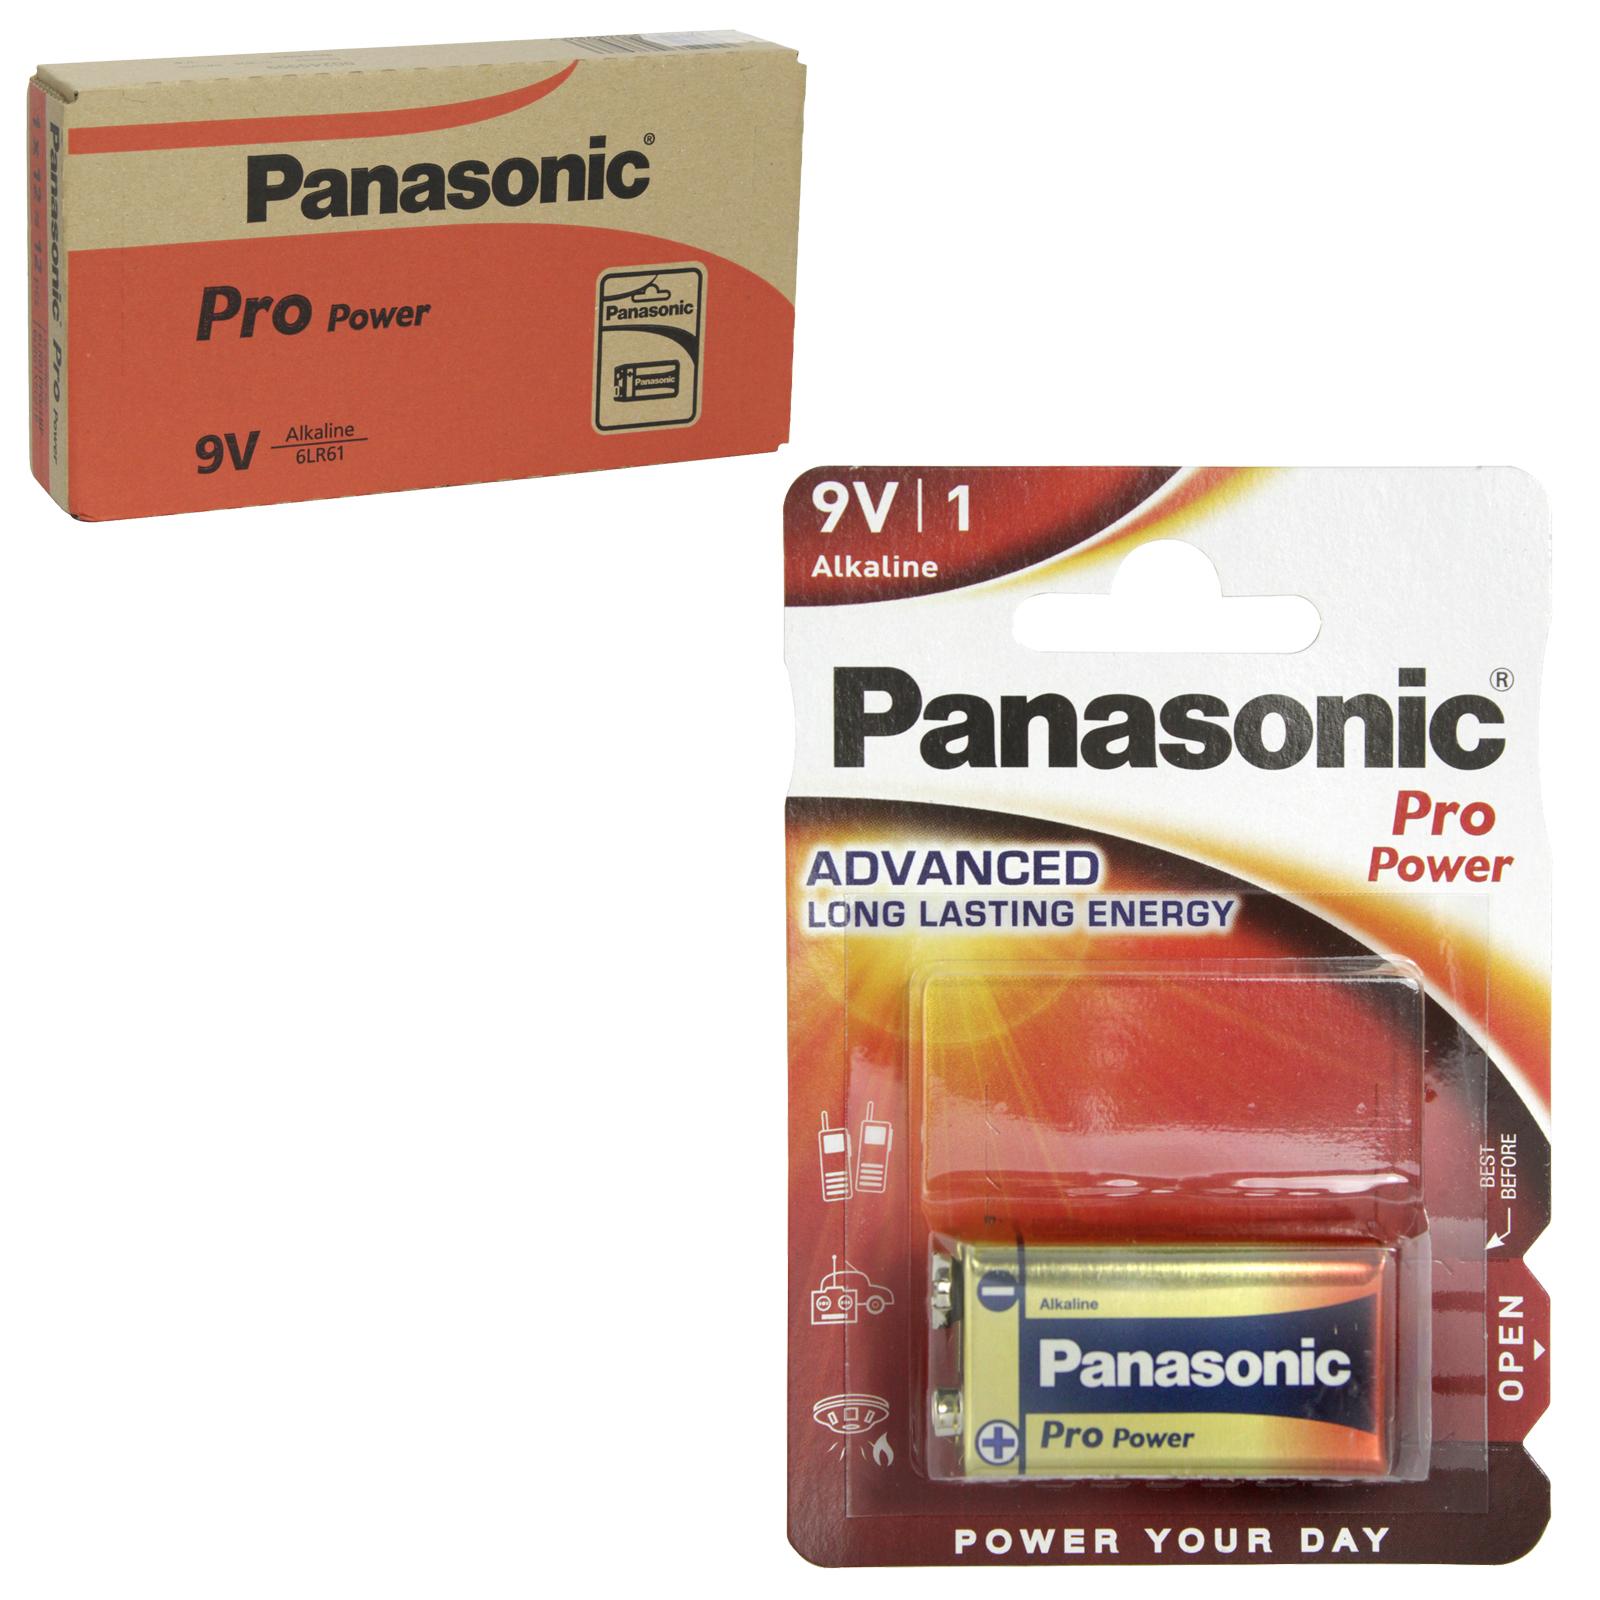 PANASONIC BATTERIES PRO POWER 6LR61 9V X12